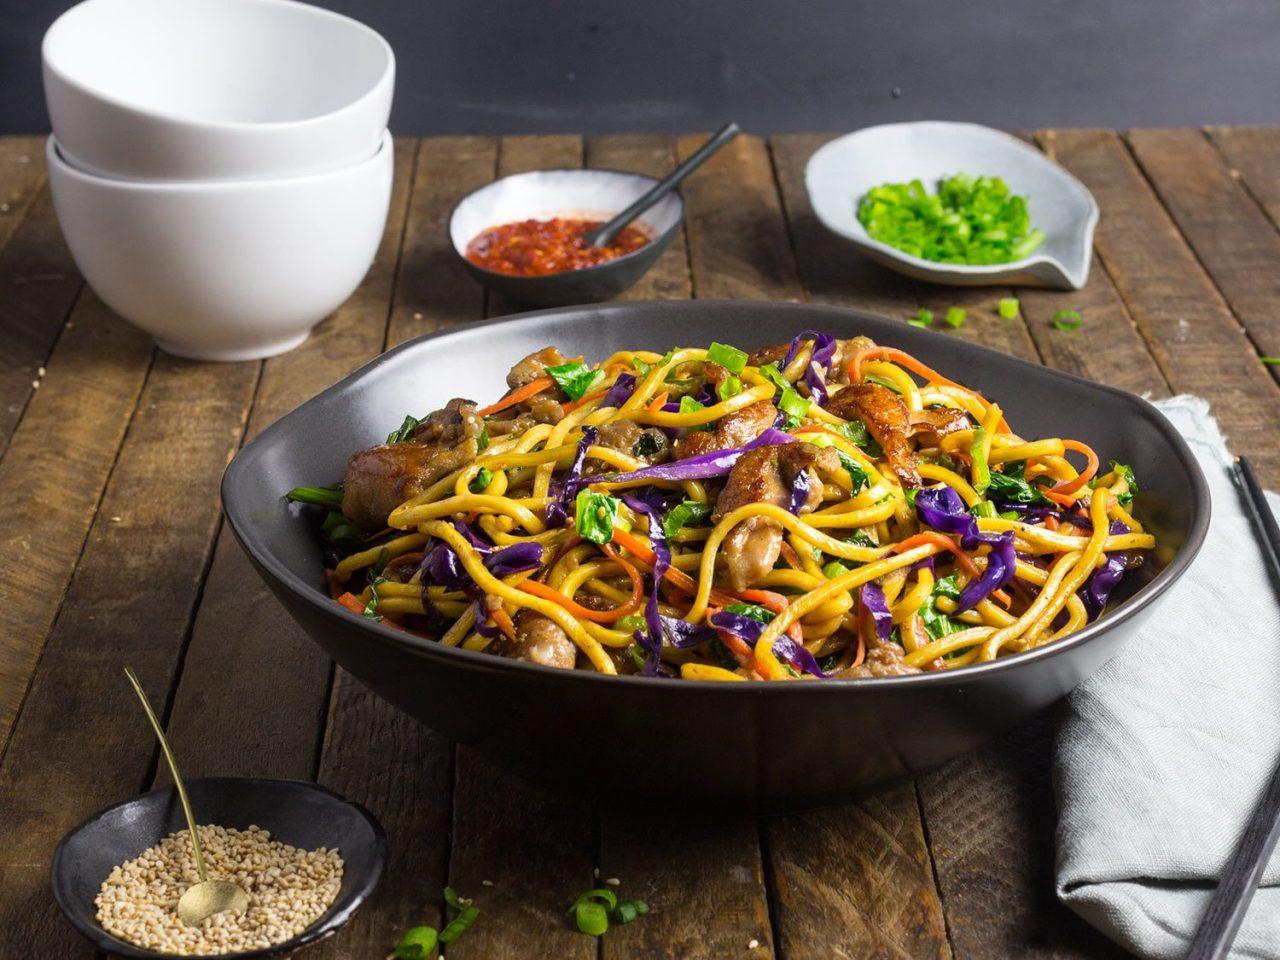 Stir-Fried Lo Mein Noodles With Pork and VegetablesRecipe